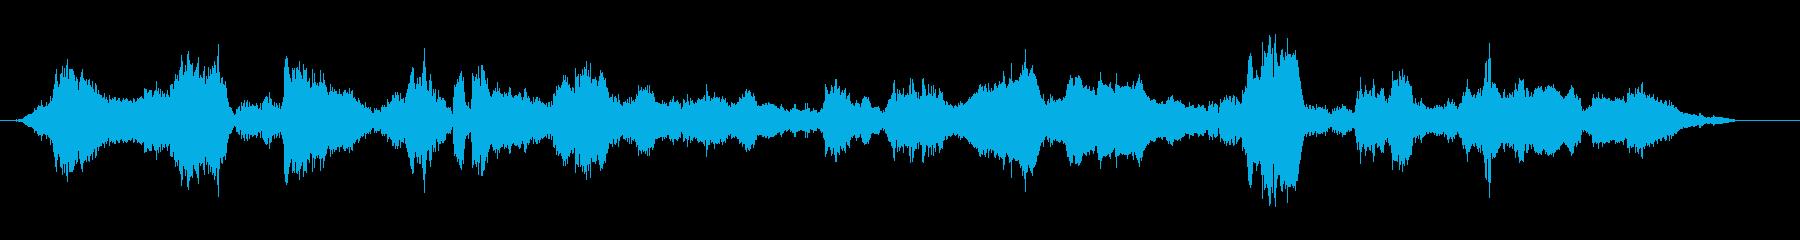 不思議な未知の世界の雰囲気なBGMの再生済みの波形